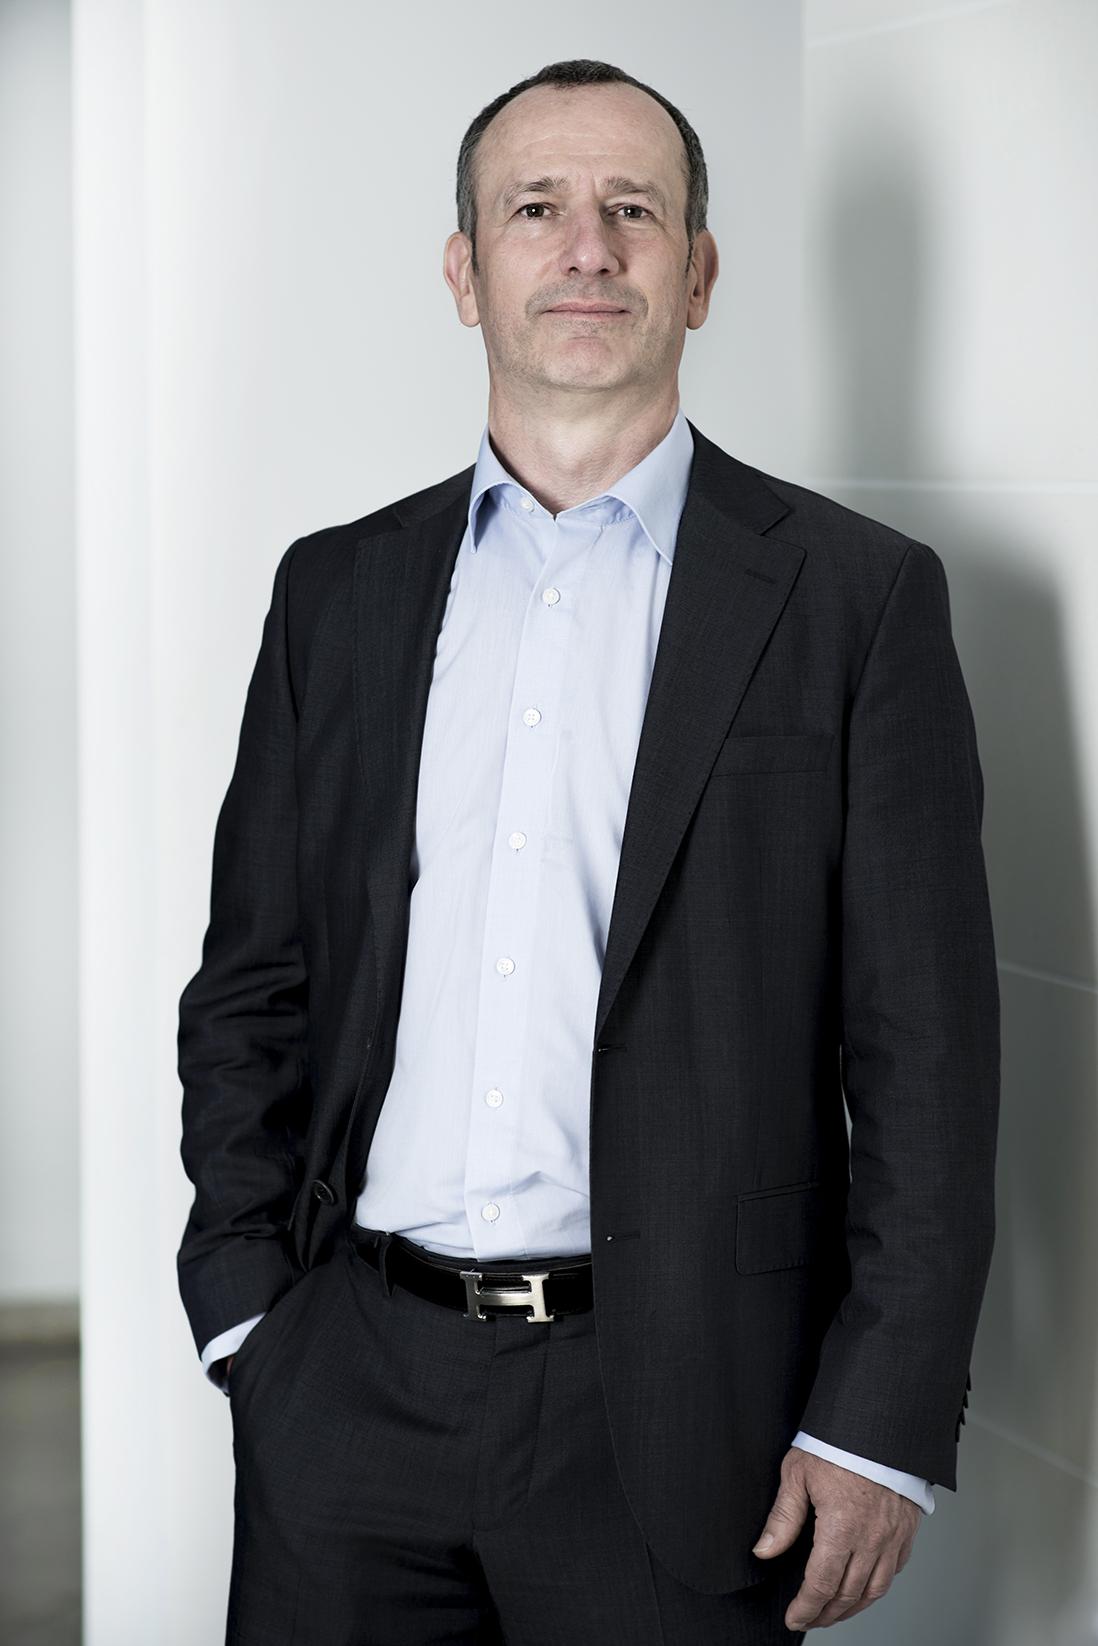 urheberrecht kommentar zum urheberrechtsgesetz verlagsgesetz einigungsvertrag urheberrecht neu zur euportabilittsverordnung german edition